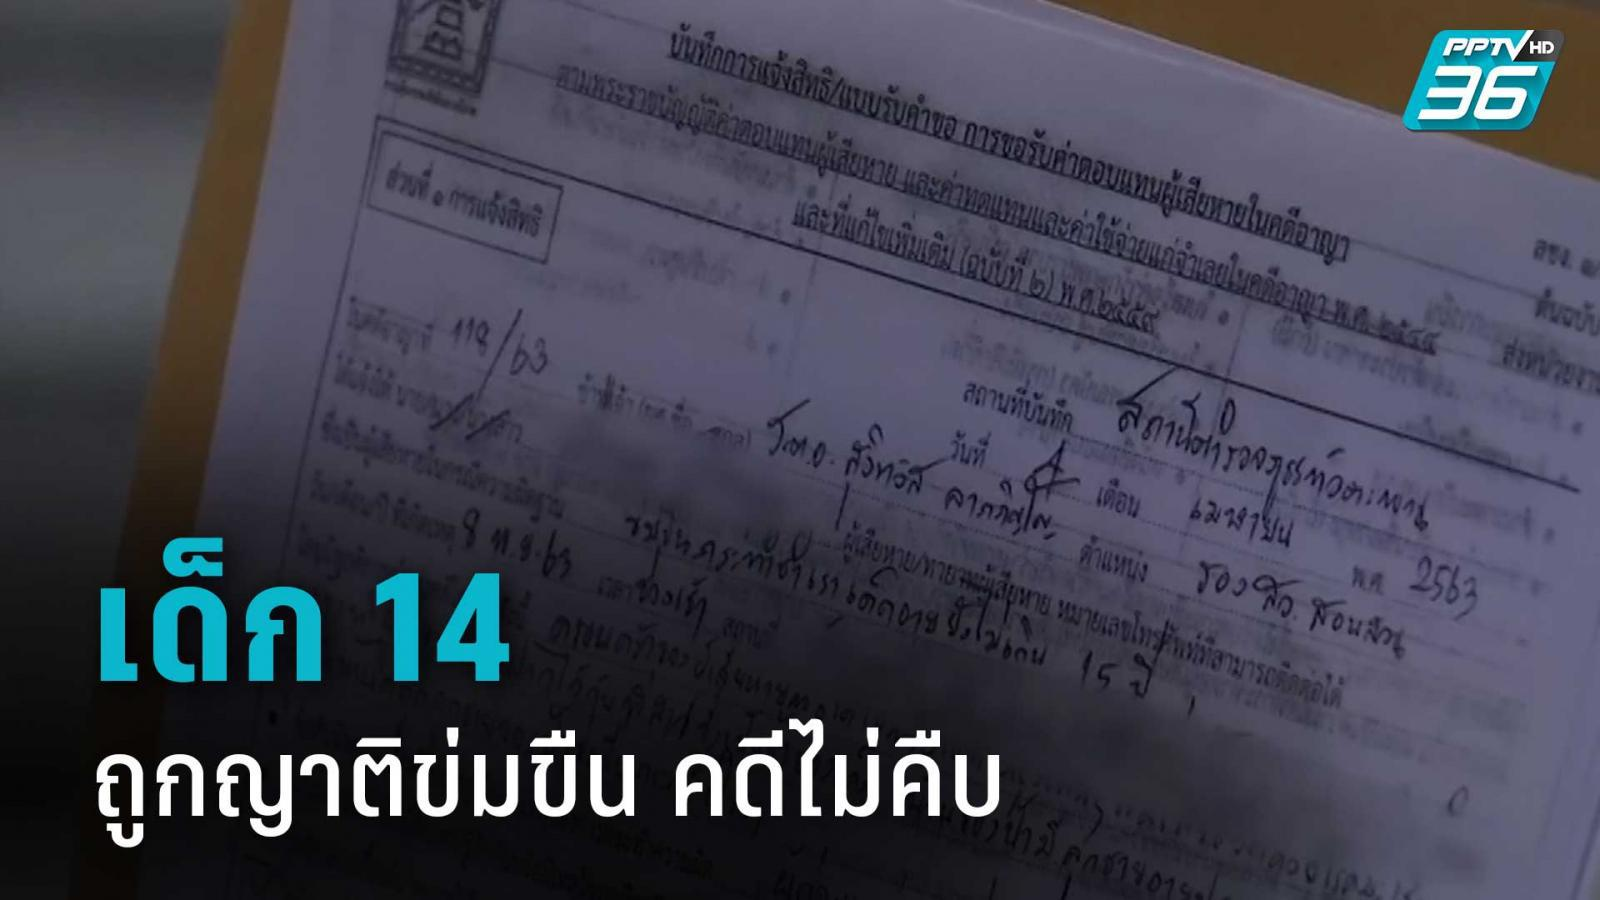 พ่อเด็กหญิง 14 ถูกญาติข่มขืนร้อง ปคม.ท้องที่ไม่ให้ดูสำนวน